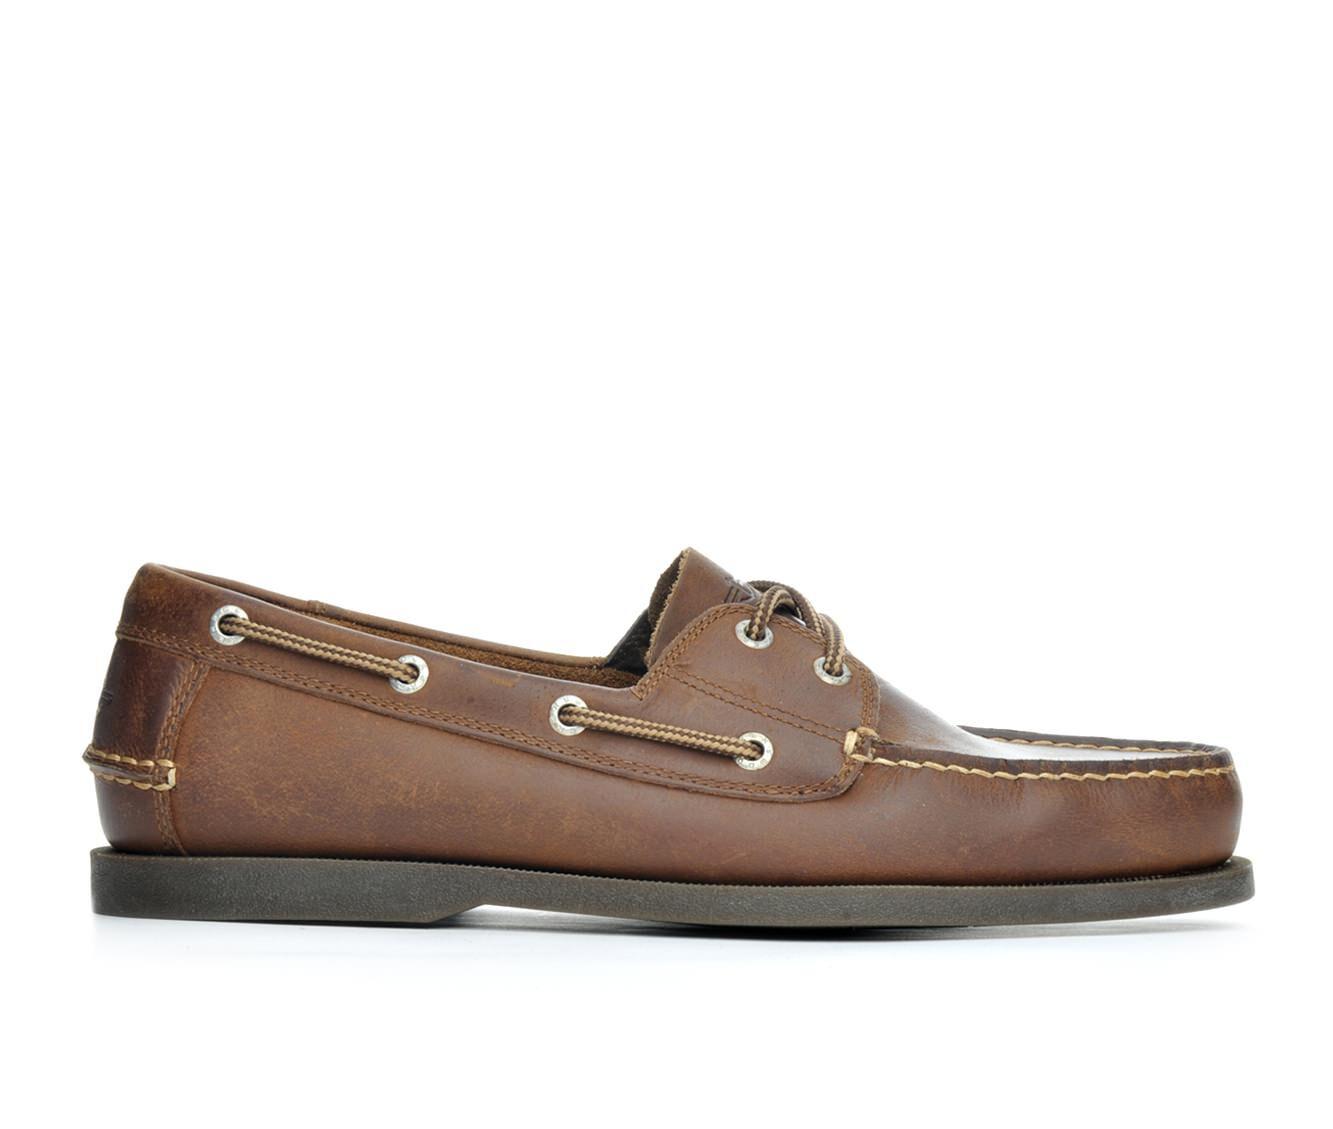 New Release Men's Dockers Vargus Boat Shoes Rust